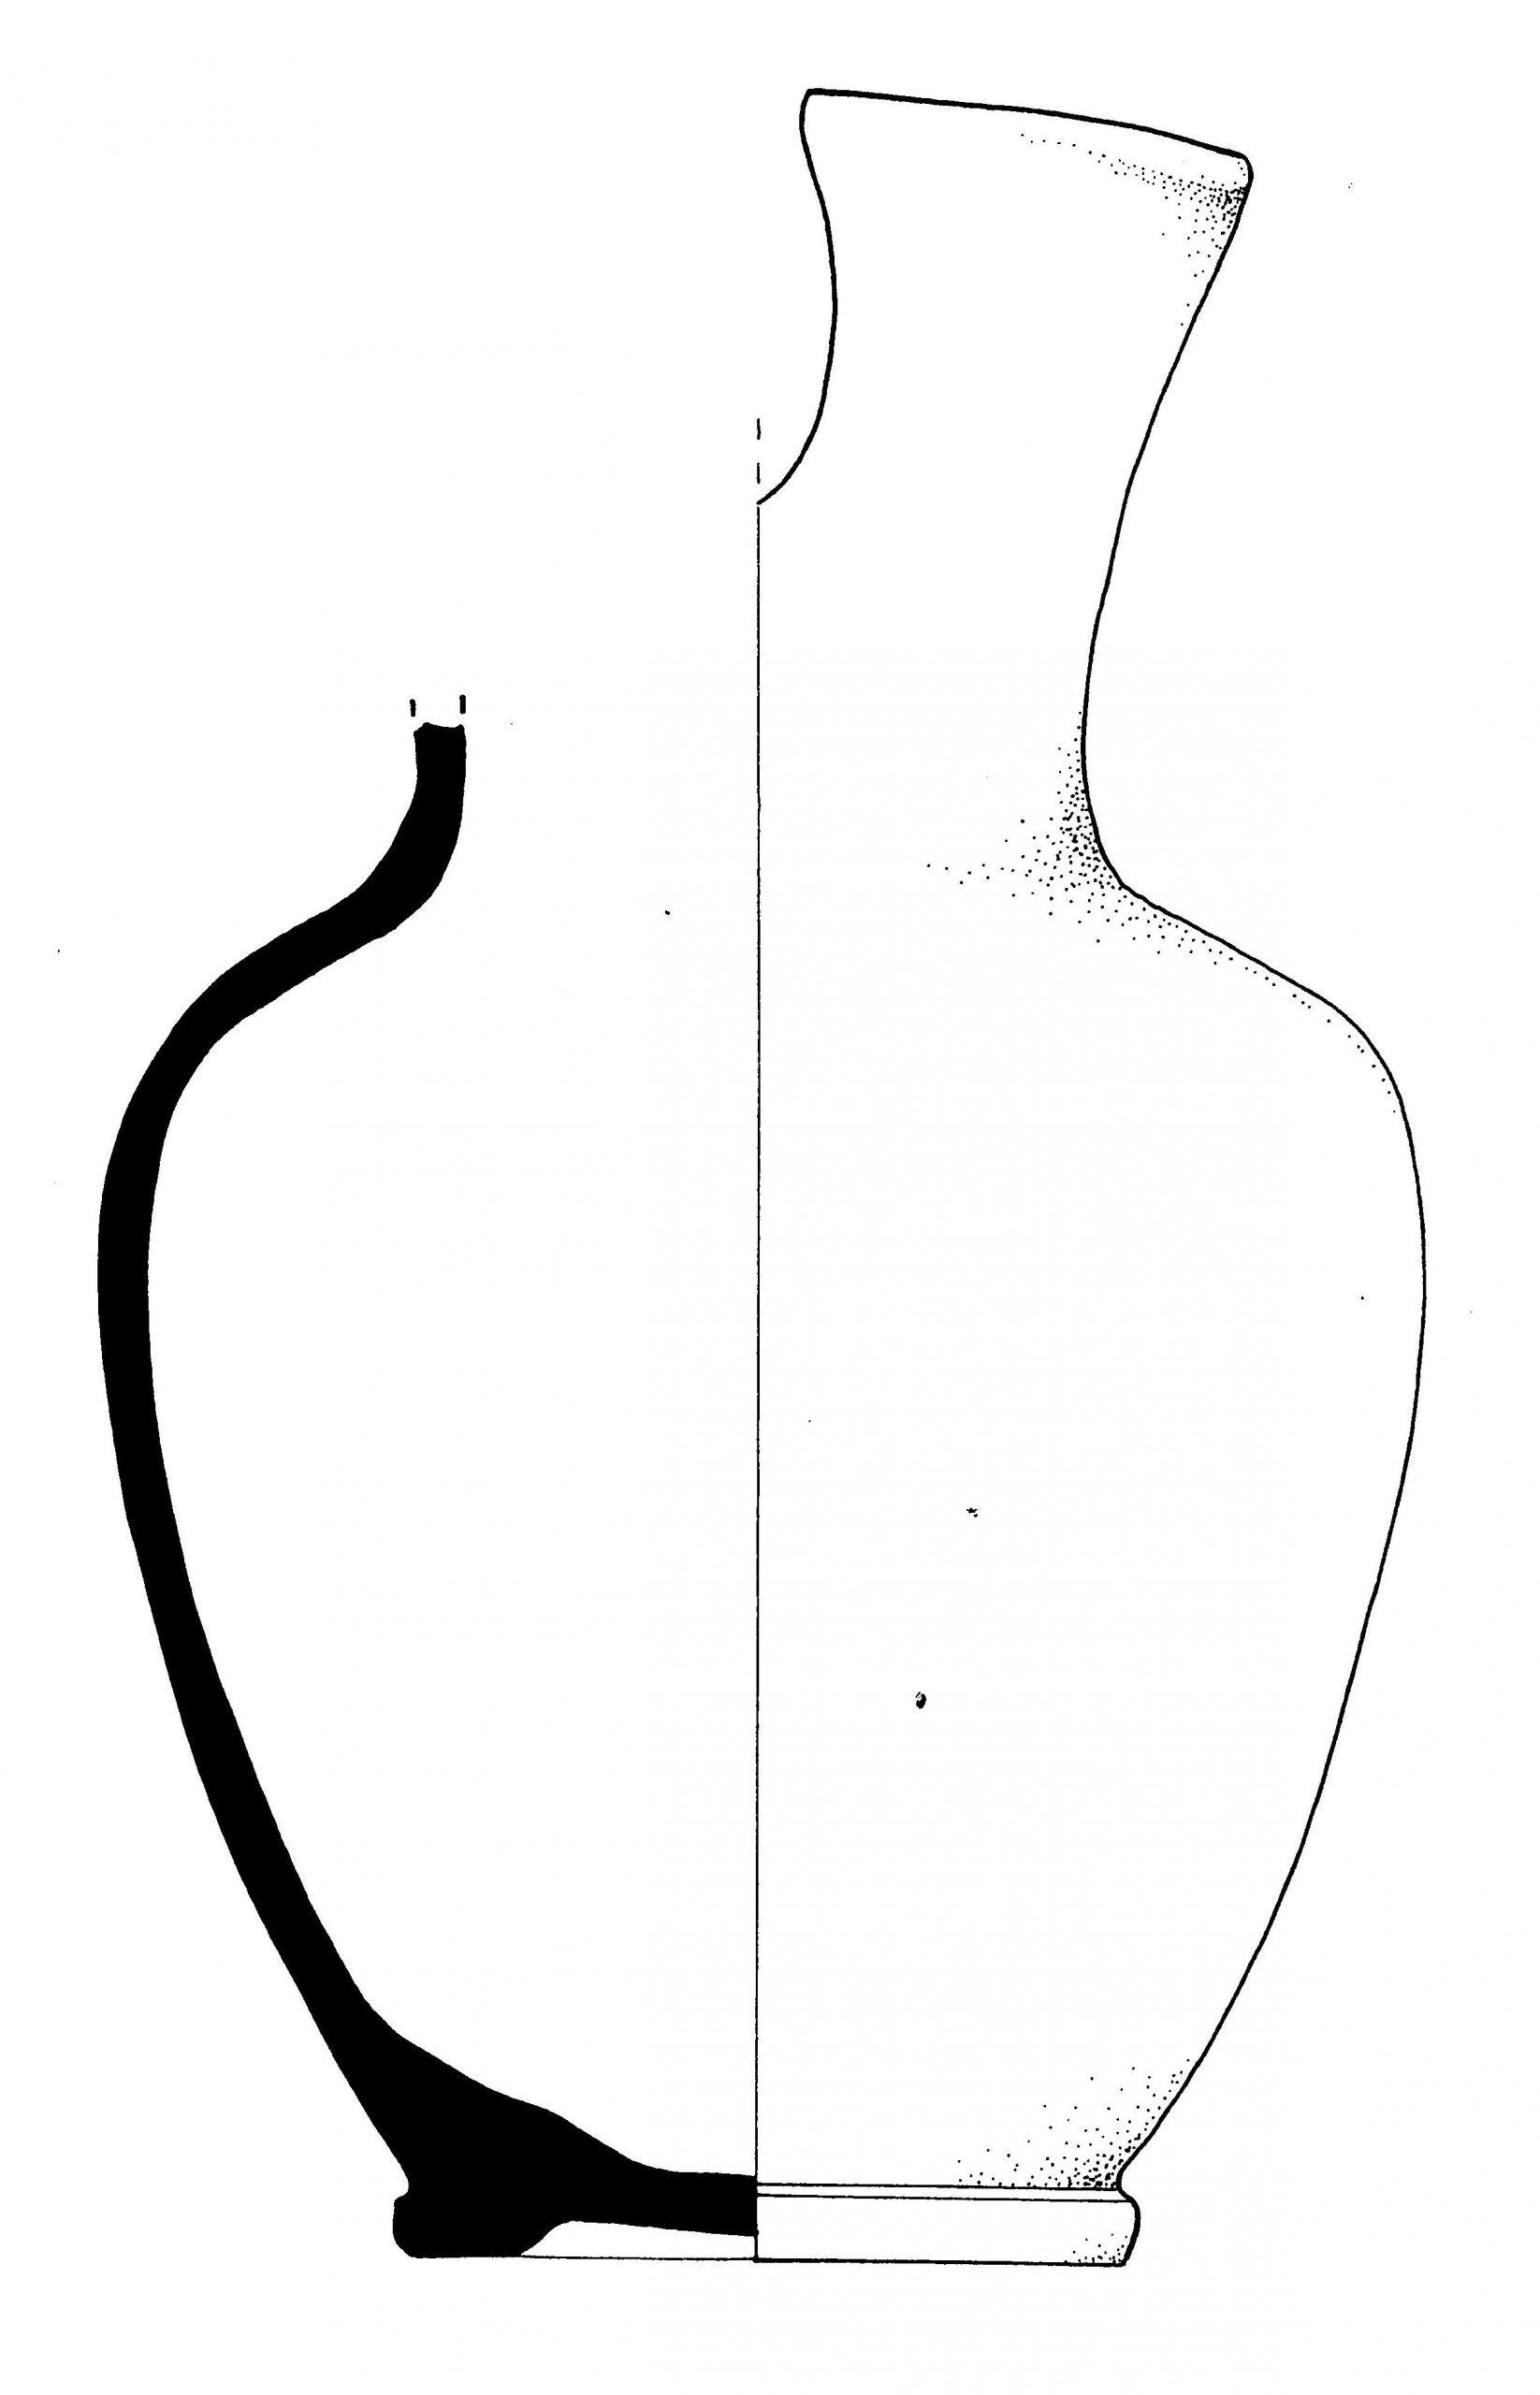 E9 2 Drawing